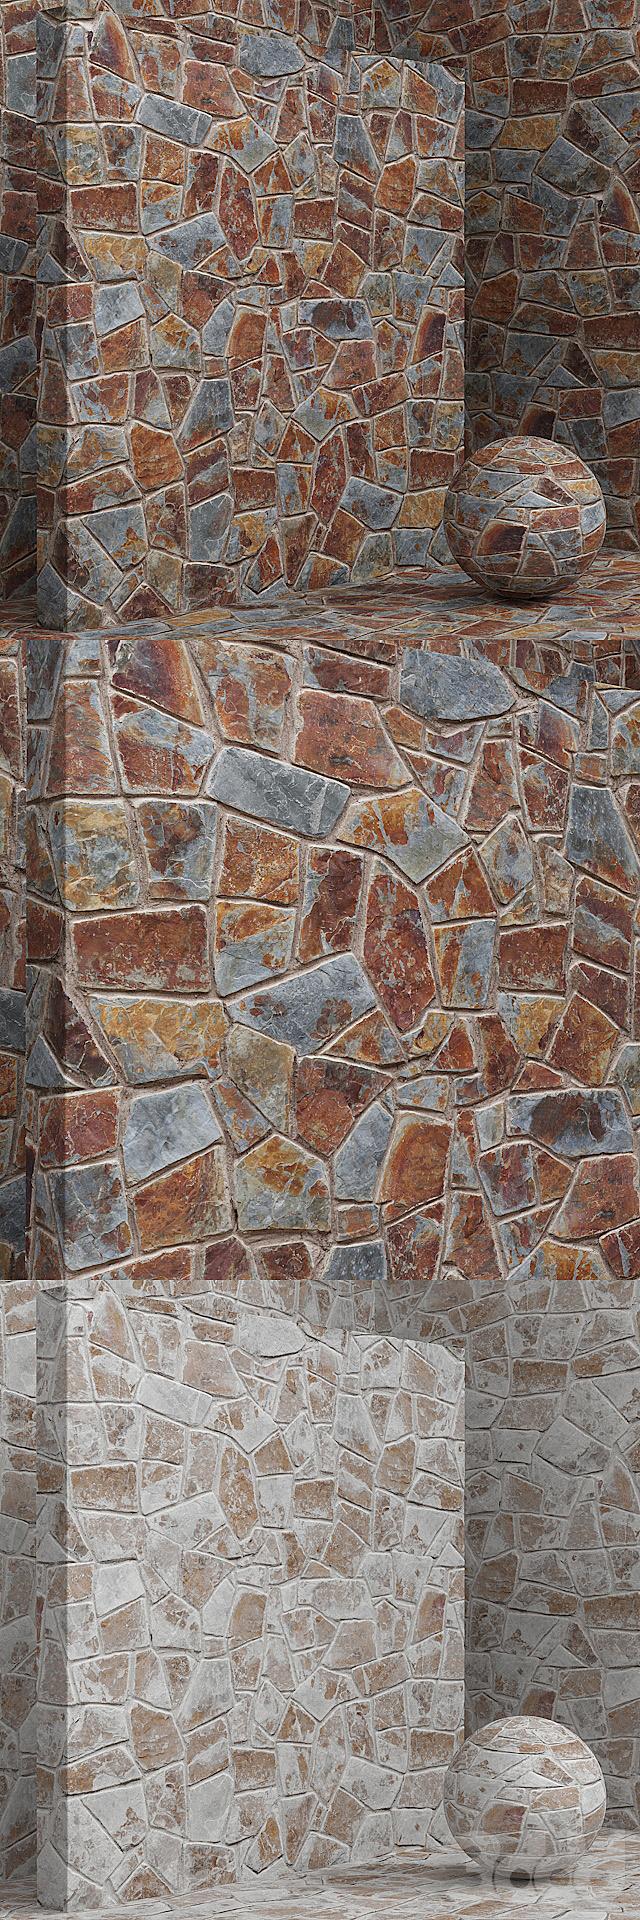 Материал (бесшовный) - камень, кладка set 11